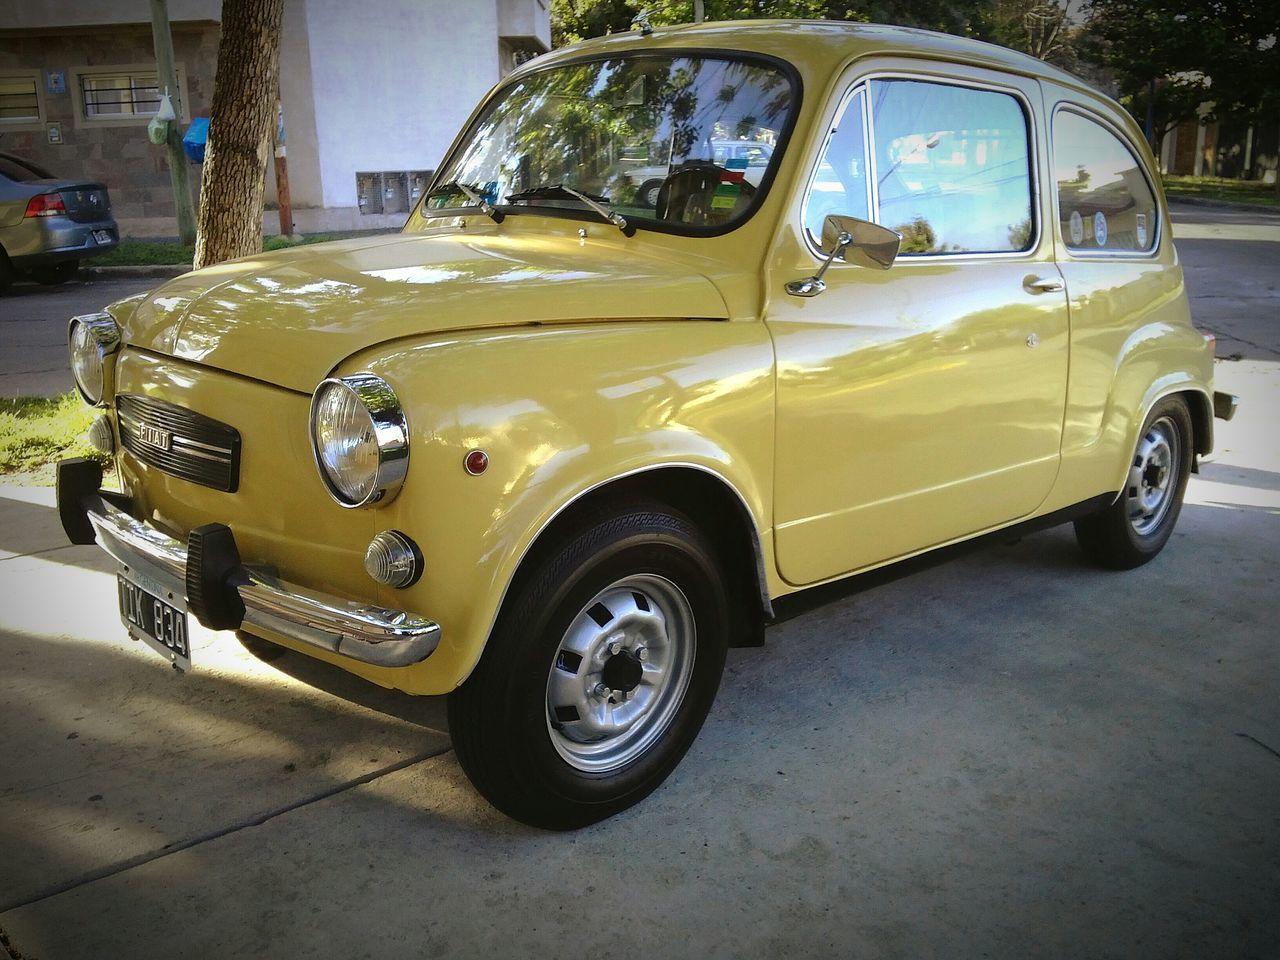 Fiat 600 hermoso, inmaculado! Fiat Fiat600 Fiat 500 Fiat500 Fiat 600 Argentina Argentine Buenosaires Bernal Quilmes Autosclasicos Clasico Argentino